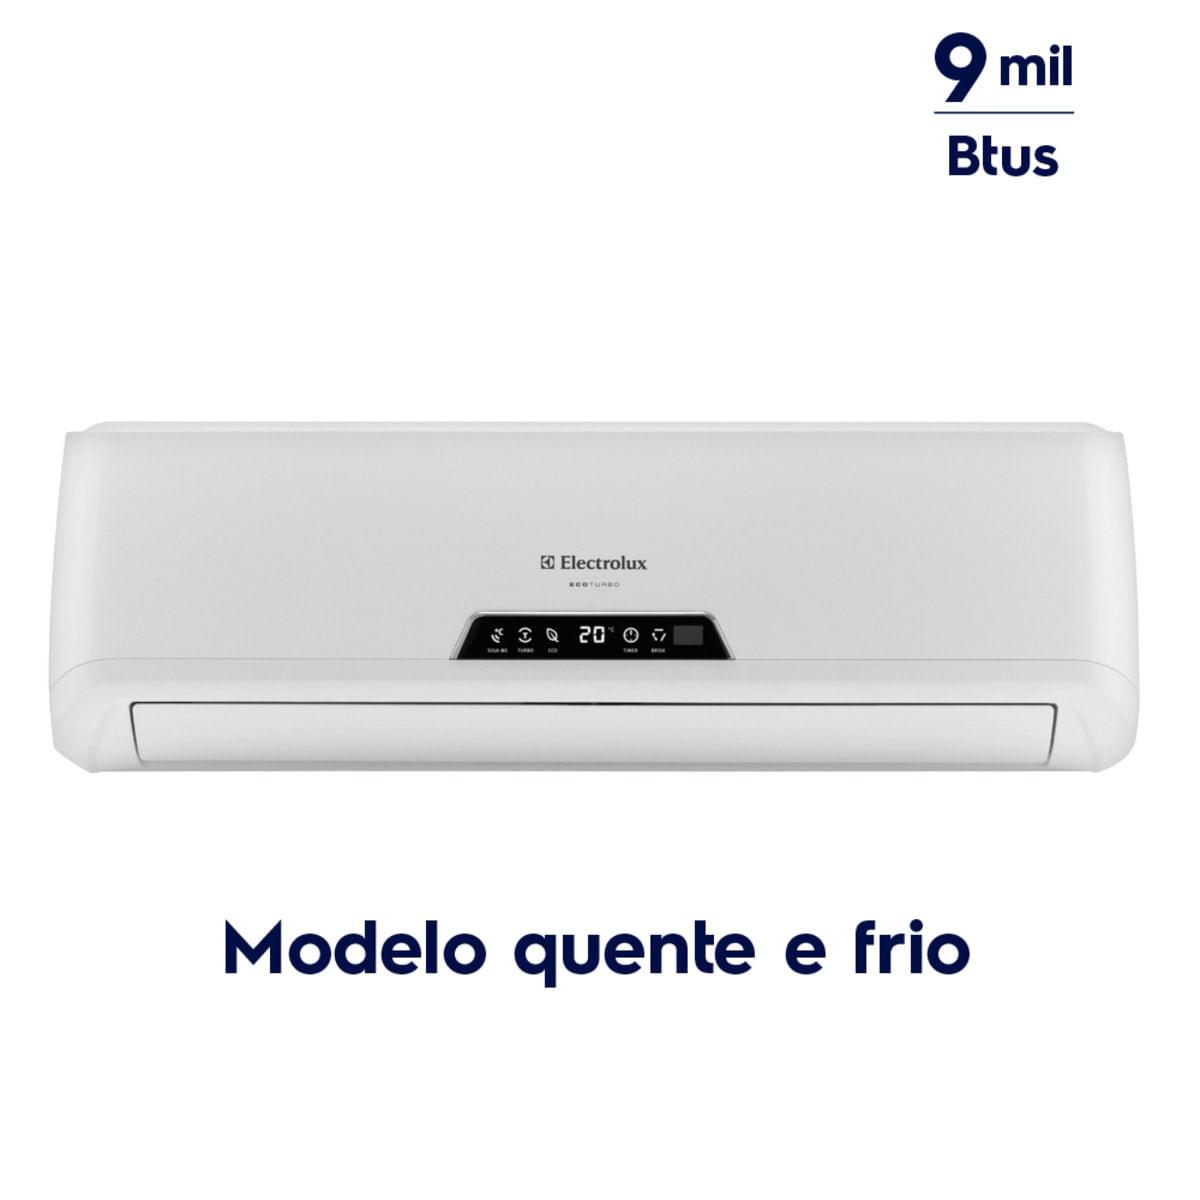 Imagem de Ar Condicionado Electrolux Split 9.000 Btus Quente/frio Ecoturbo VE09R / VI09R